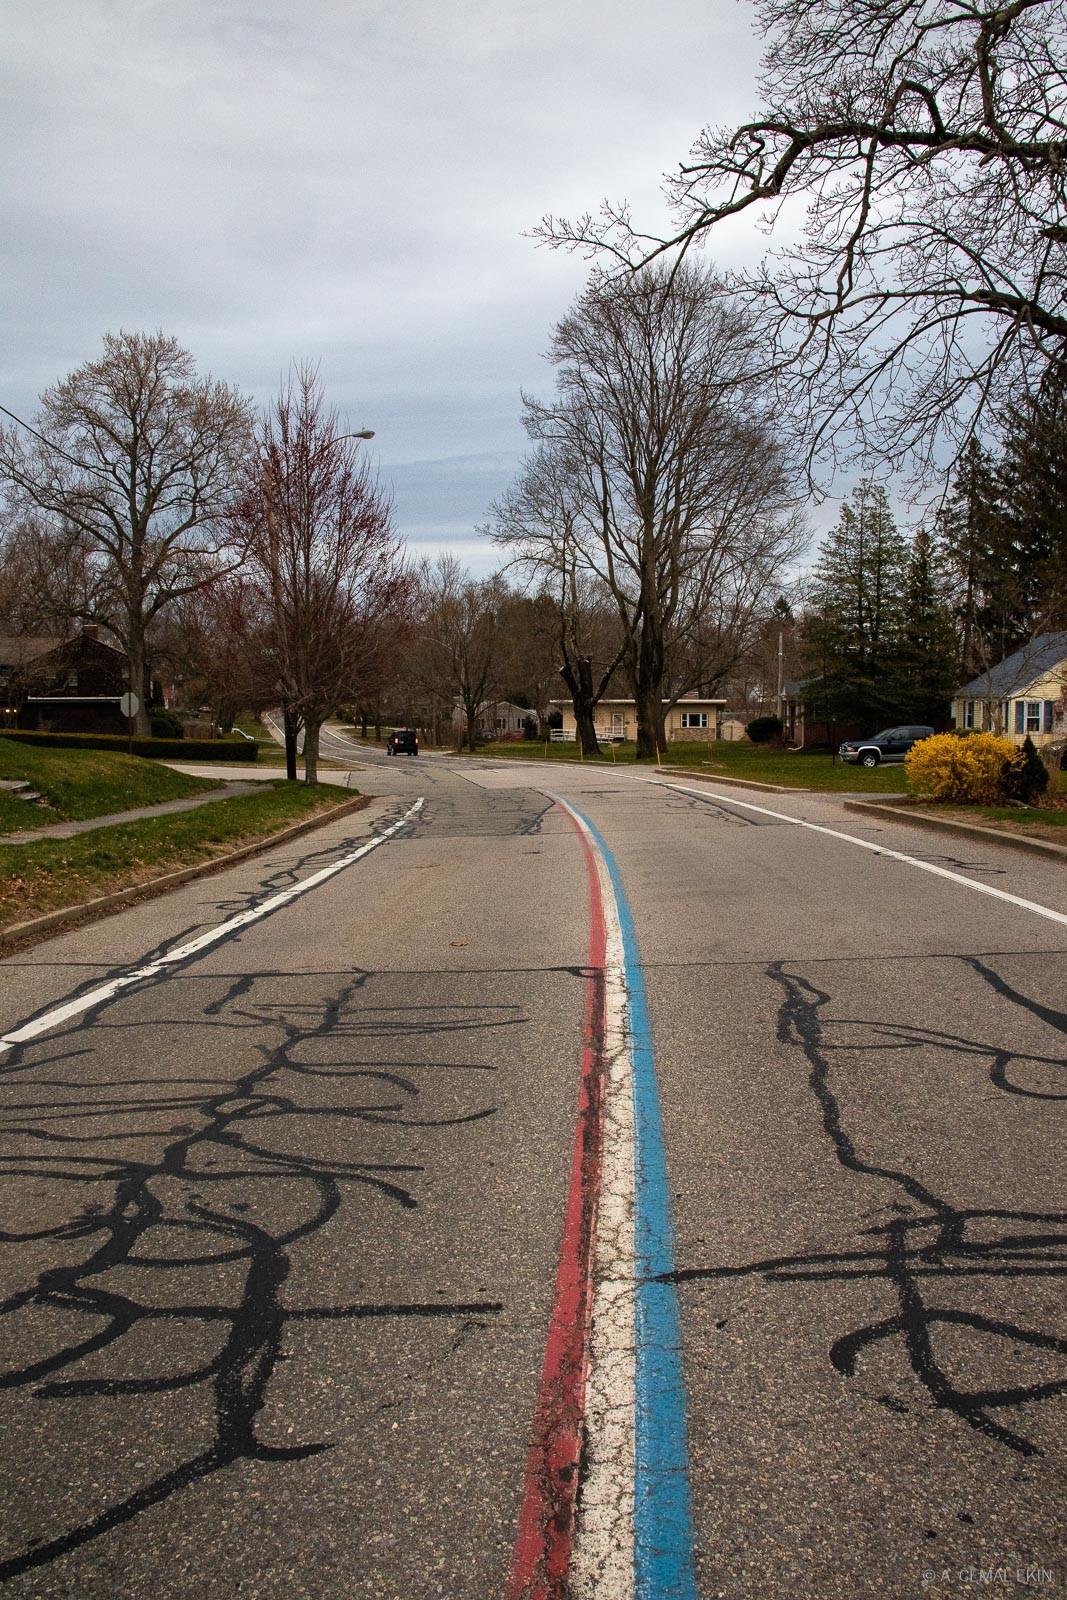 Narragansett Pkwy, Red-White-Blue going where?